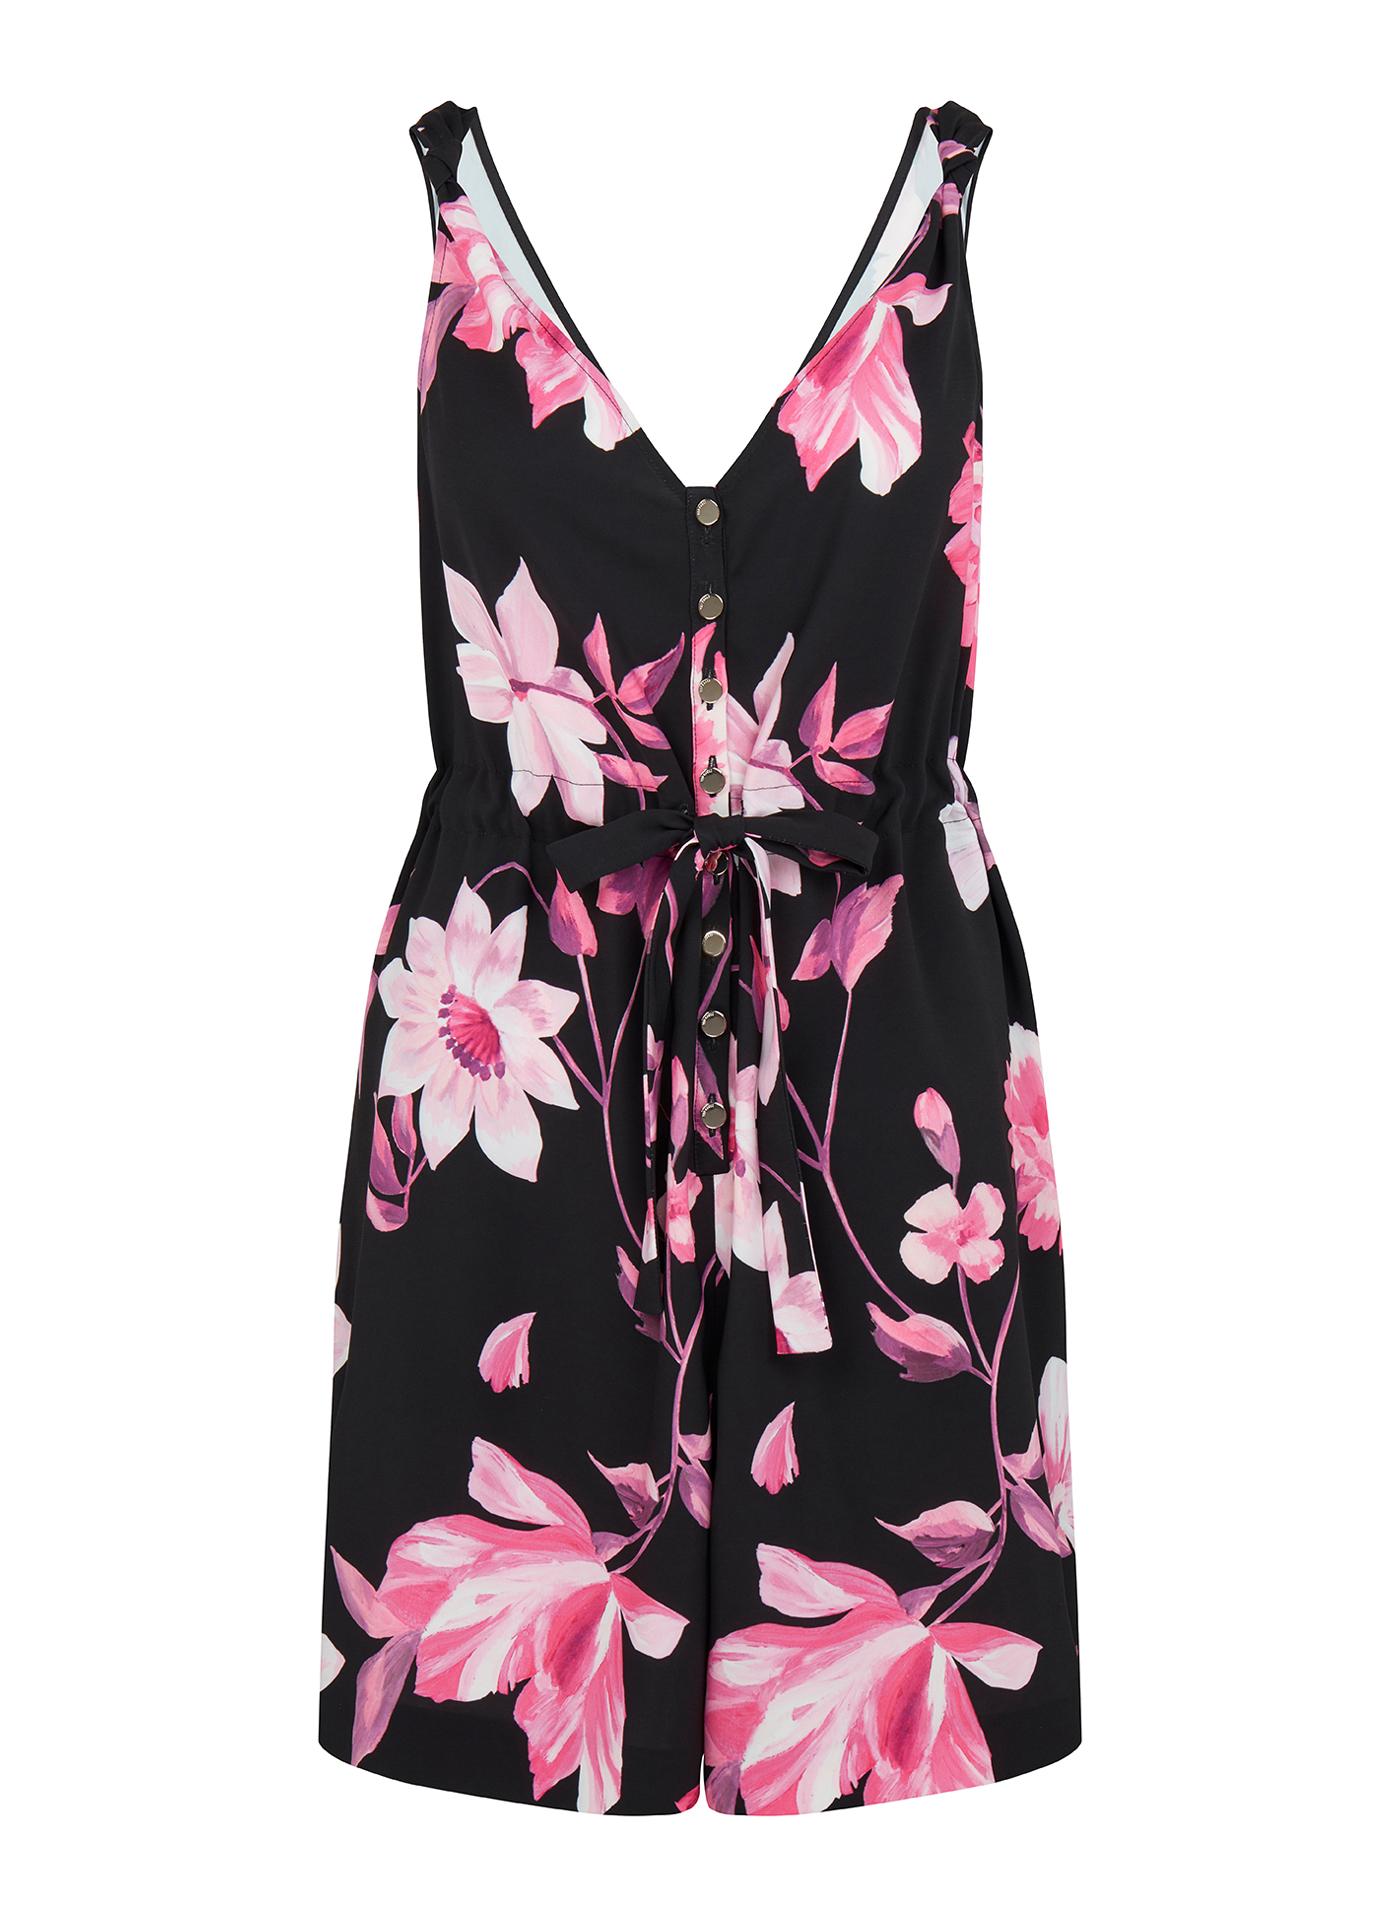 Pink florals on black Ted Baker dress